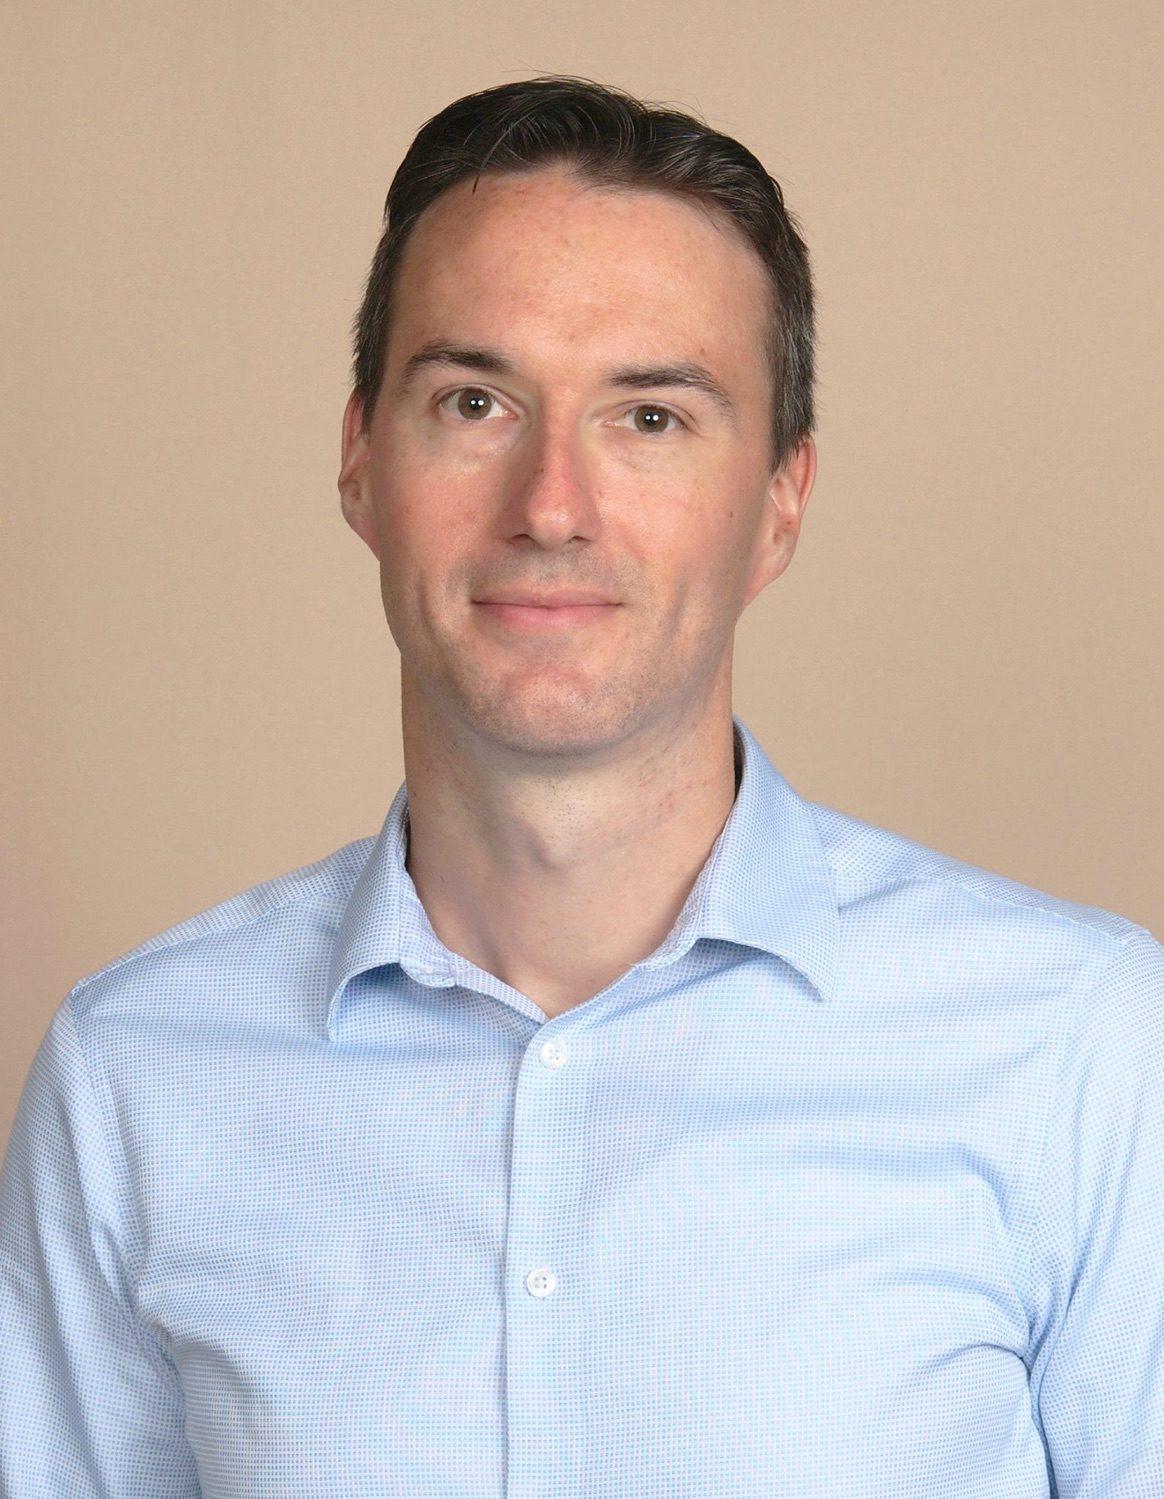 Jordan Stricklen, Doctoral Limited Licensed Psychologist